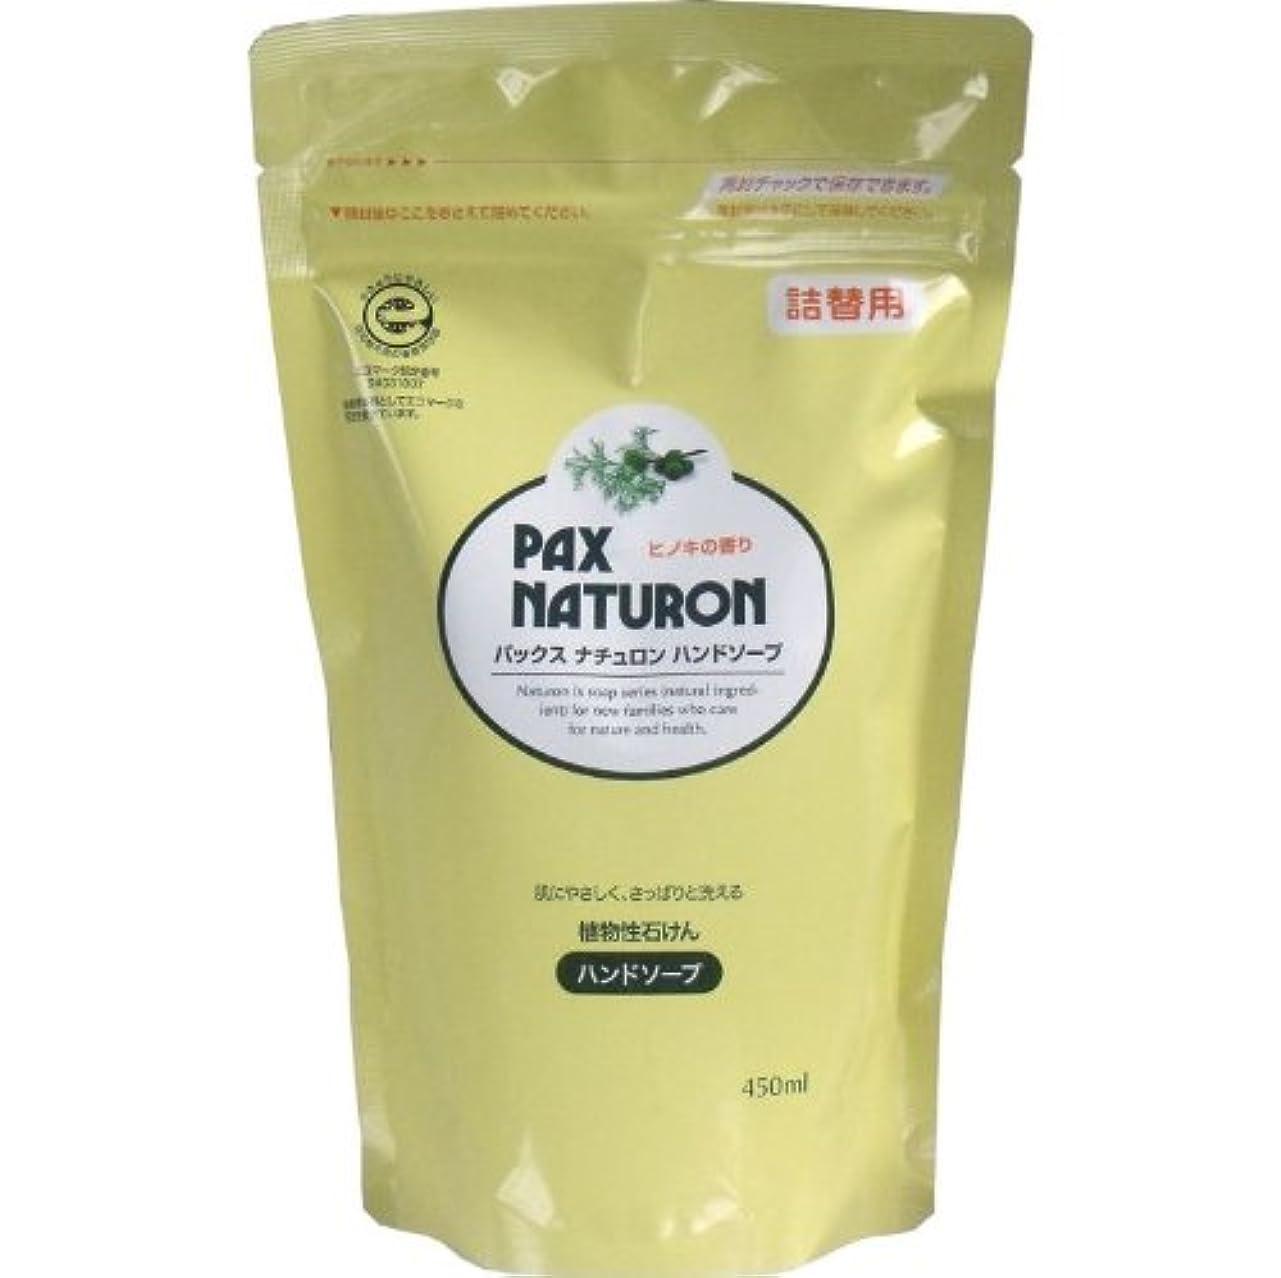 ずらす梨ジュラシックパーク肌にやさしく、さっぱりと洗える植物性石けん!植物性ハンドソープ 詰替用 450mL【2個セット】